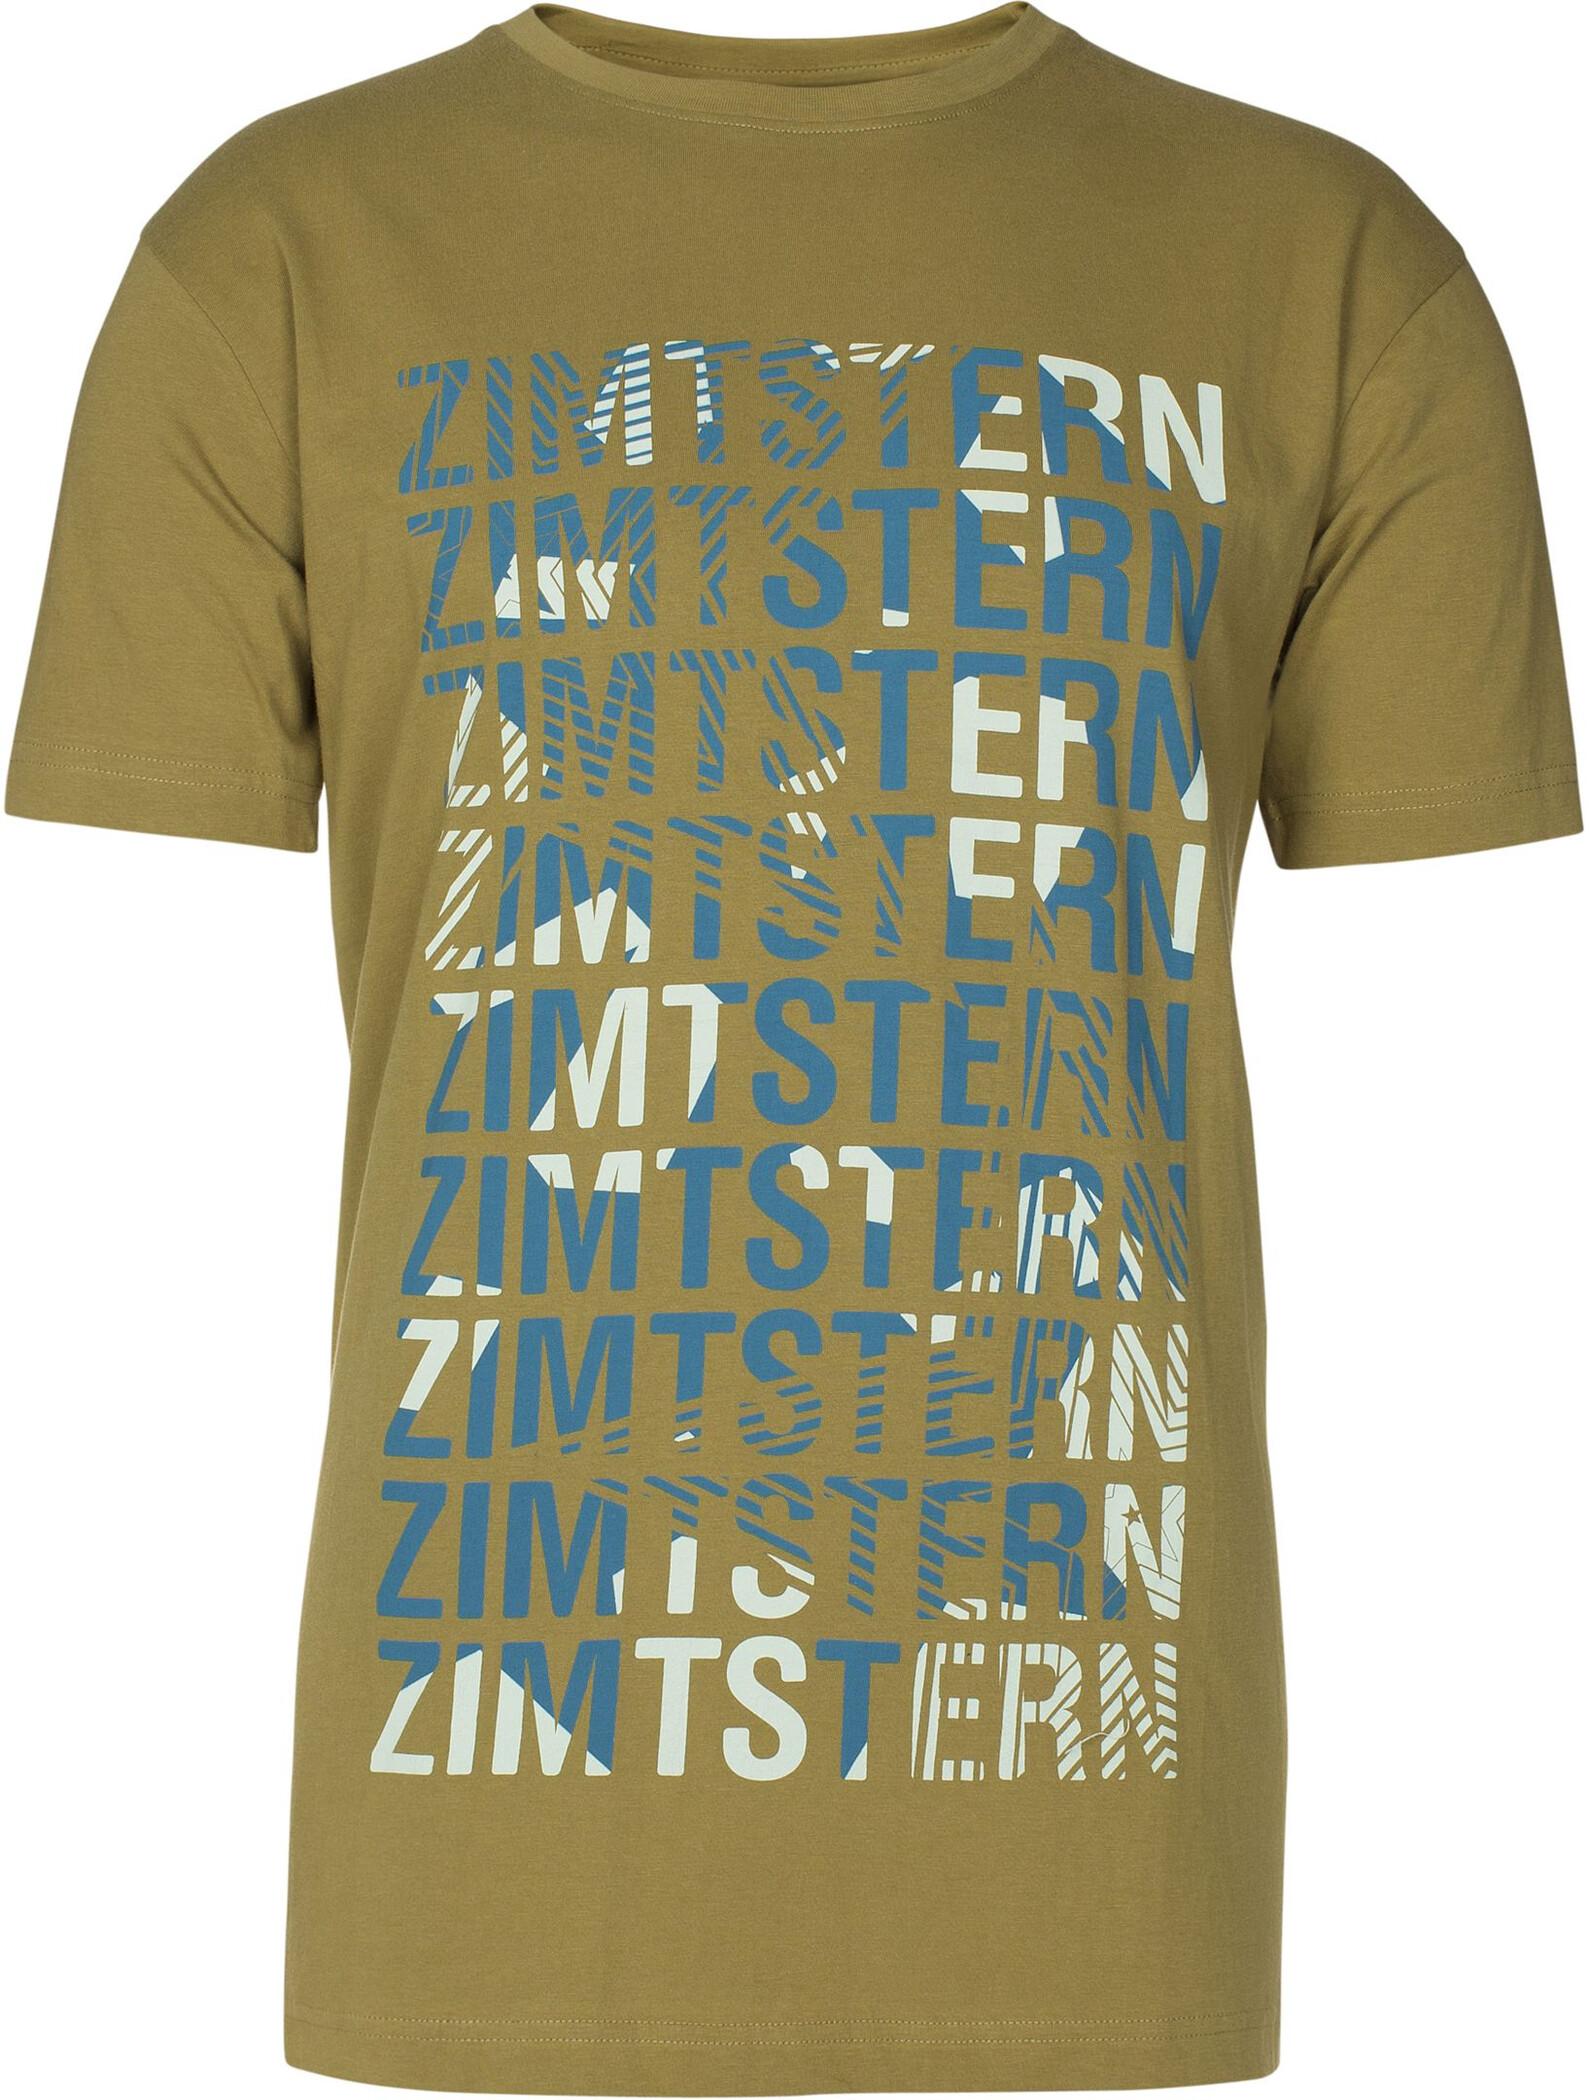 Zimtstern TSM Rerunz T-shirt Herrer, moss | Trøjer